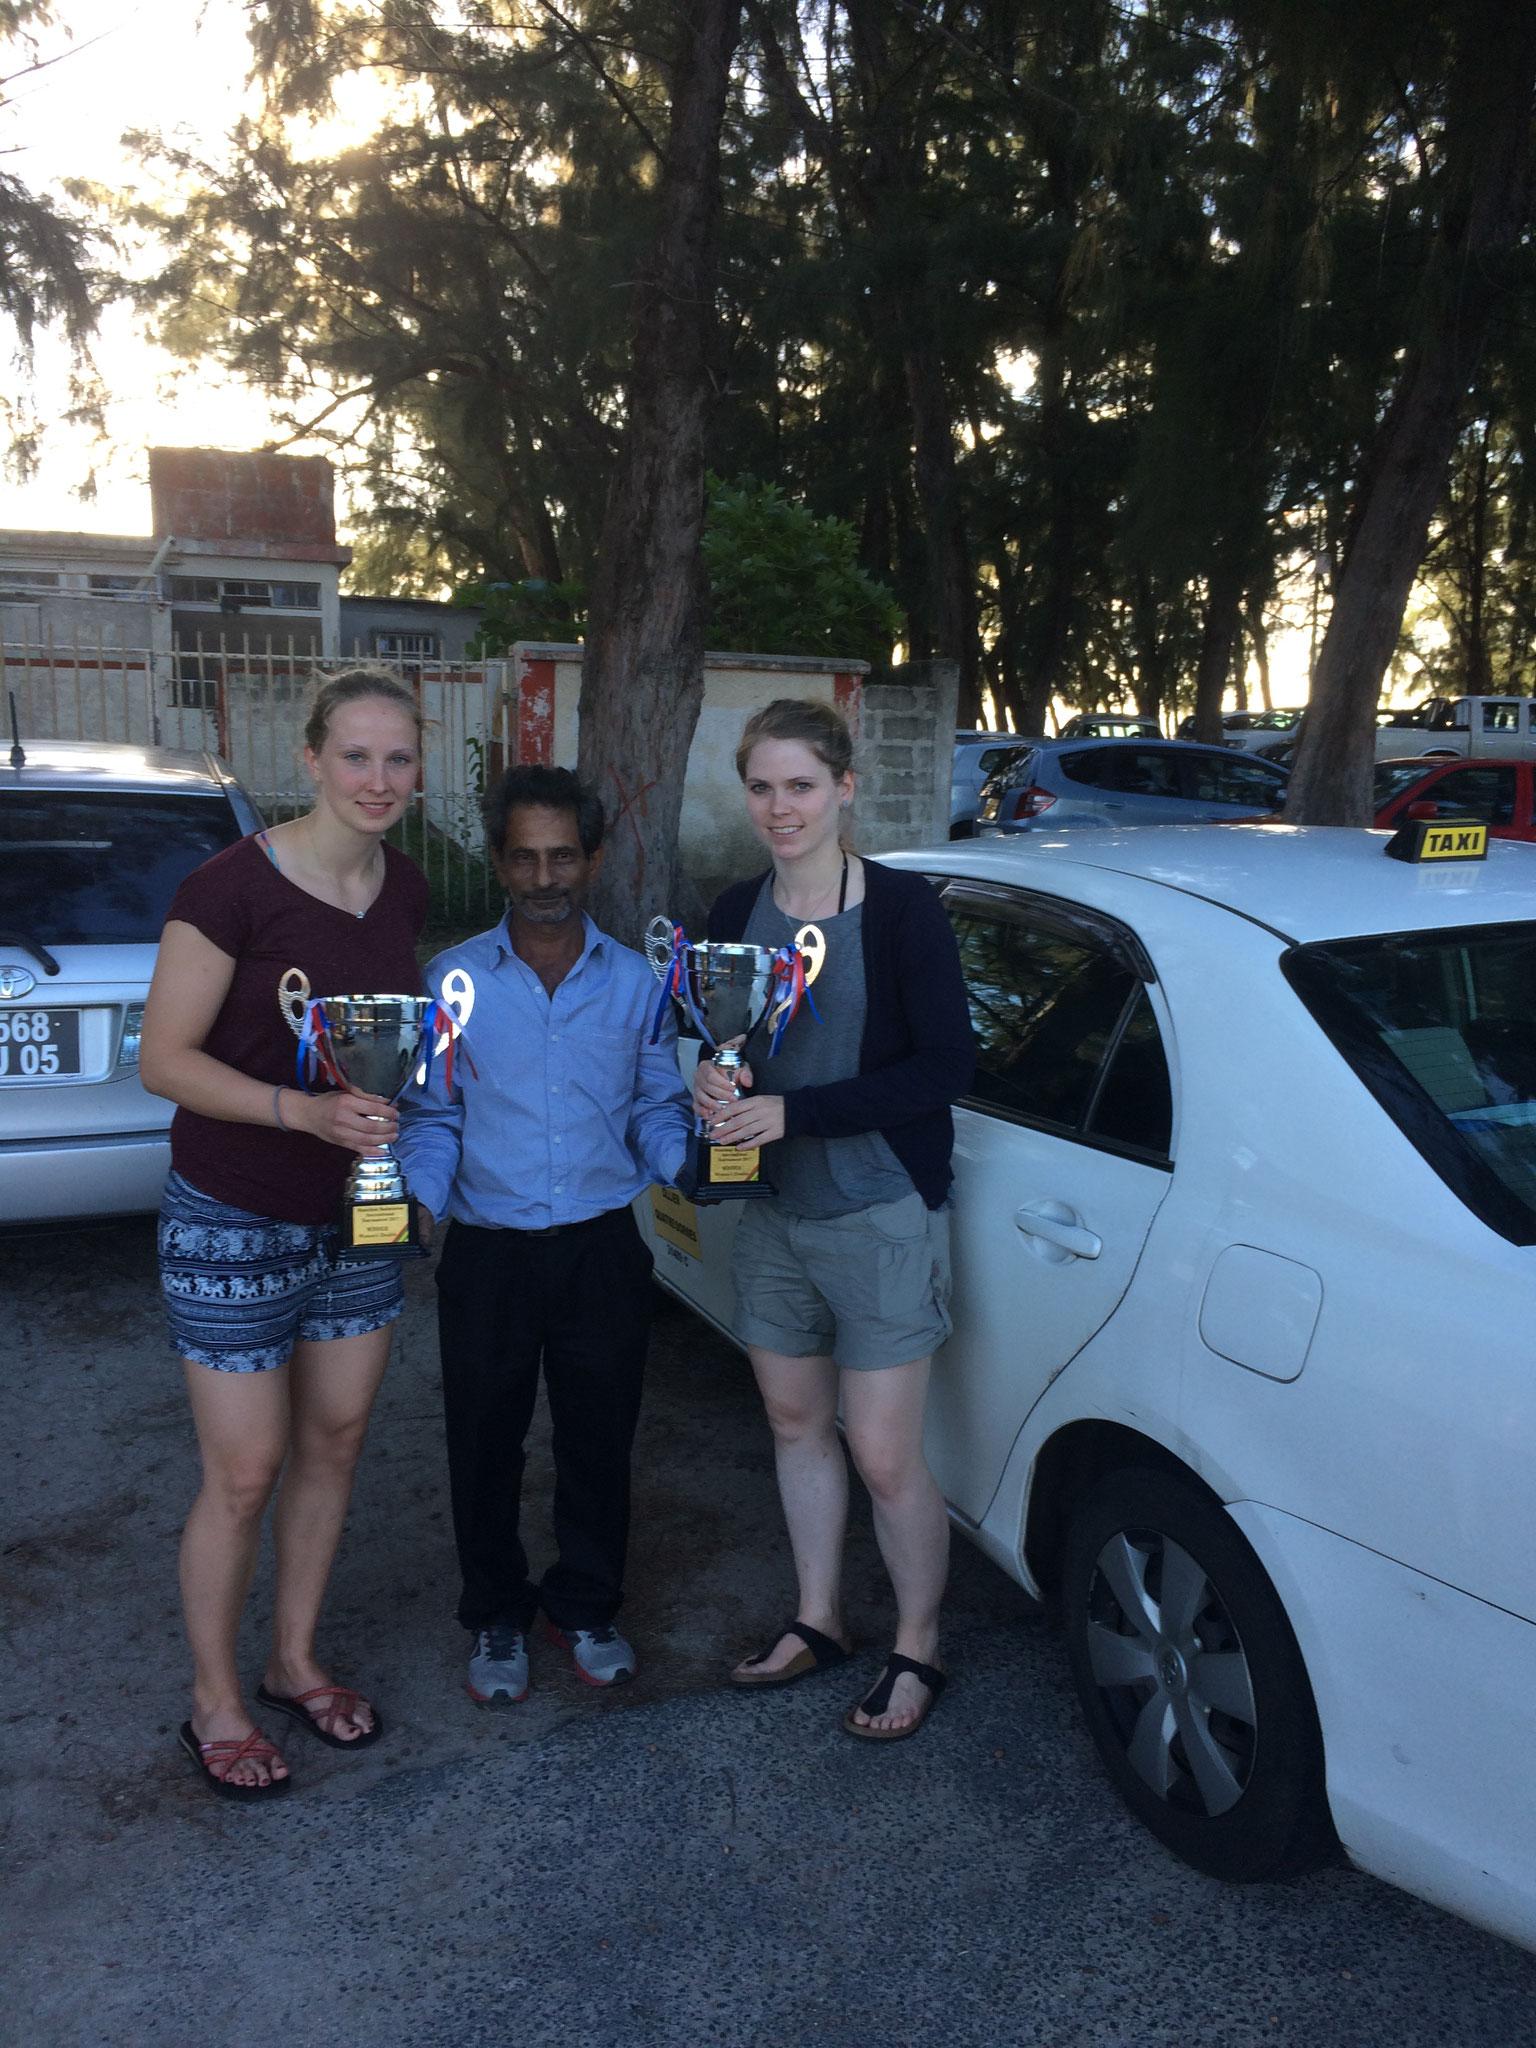 Mr. Soodhun! Bester Taxifahrer auf der Welt!